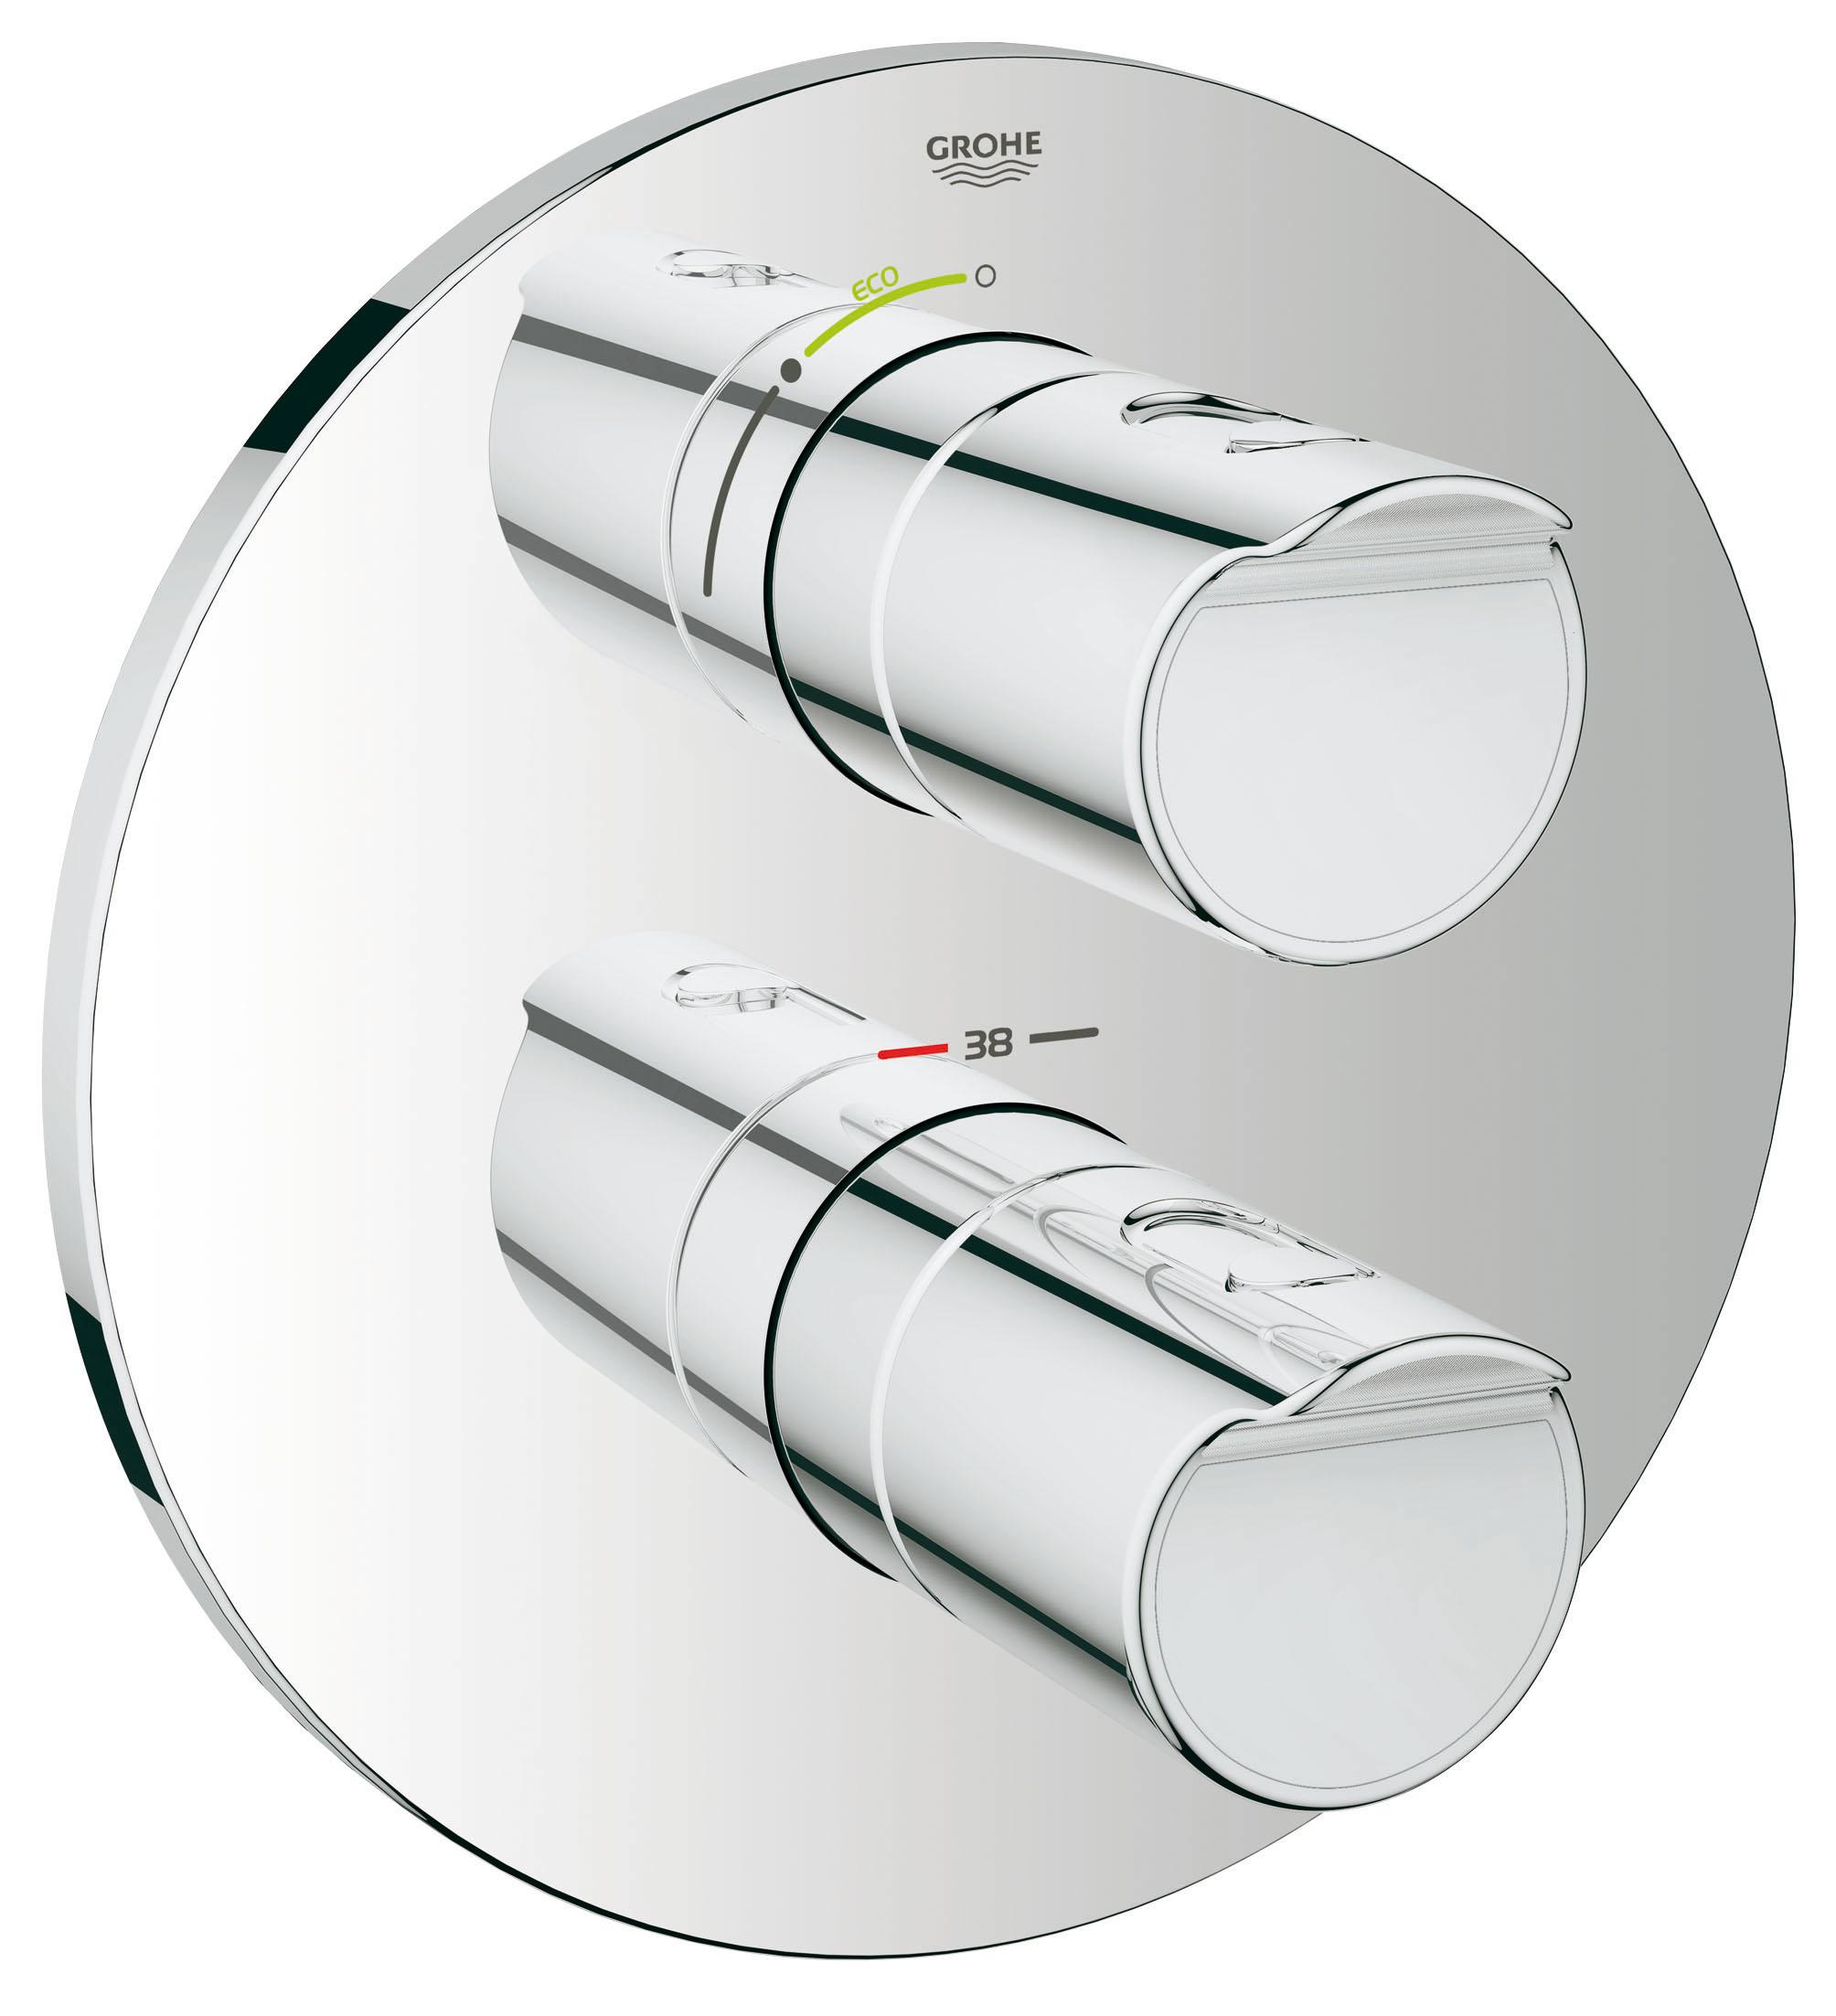 Термостатический смеситель для душа GROHE Grohtherm 2000 (внешняя панель для арт. 35500000) (19354001)19354001Комплект верхней монтажной части для GROHE Rapido T 35 500 000Без встраиваемого механизмаGROHE StarLight хромированная поверхность Стопор безопасности при 38°CРукоятка расхода с экономичной кнопкой GROHE EcoButton И индивидуально устанавливаемым стопоромCarbodur керамический вентиль 1/2?, 180°С настенными розетками GROHE QuickFix ( скрытые эксцентрики, уплотнение, скрытый монтаж)